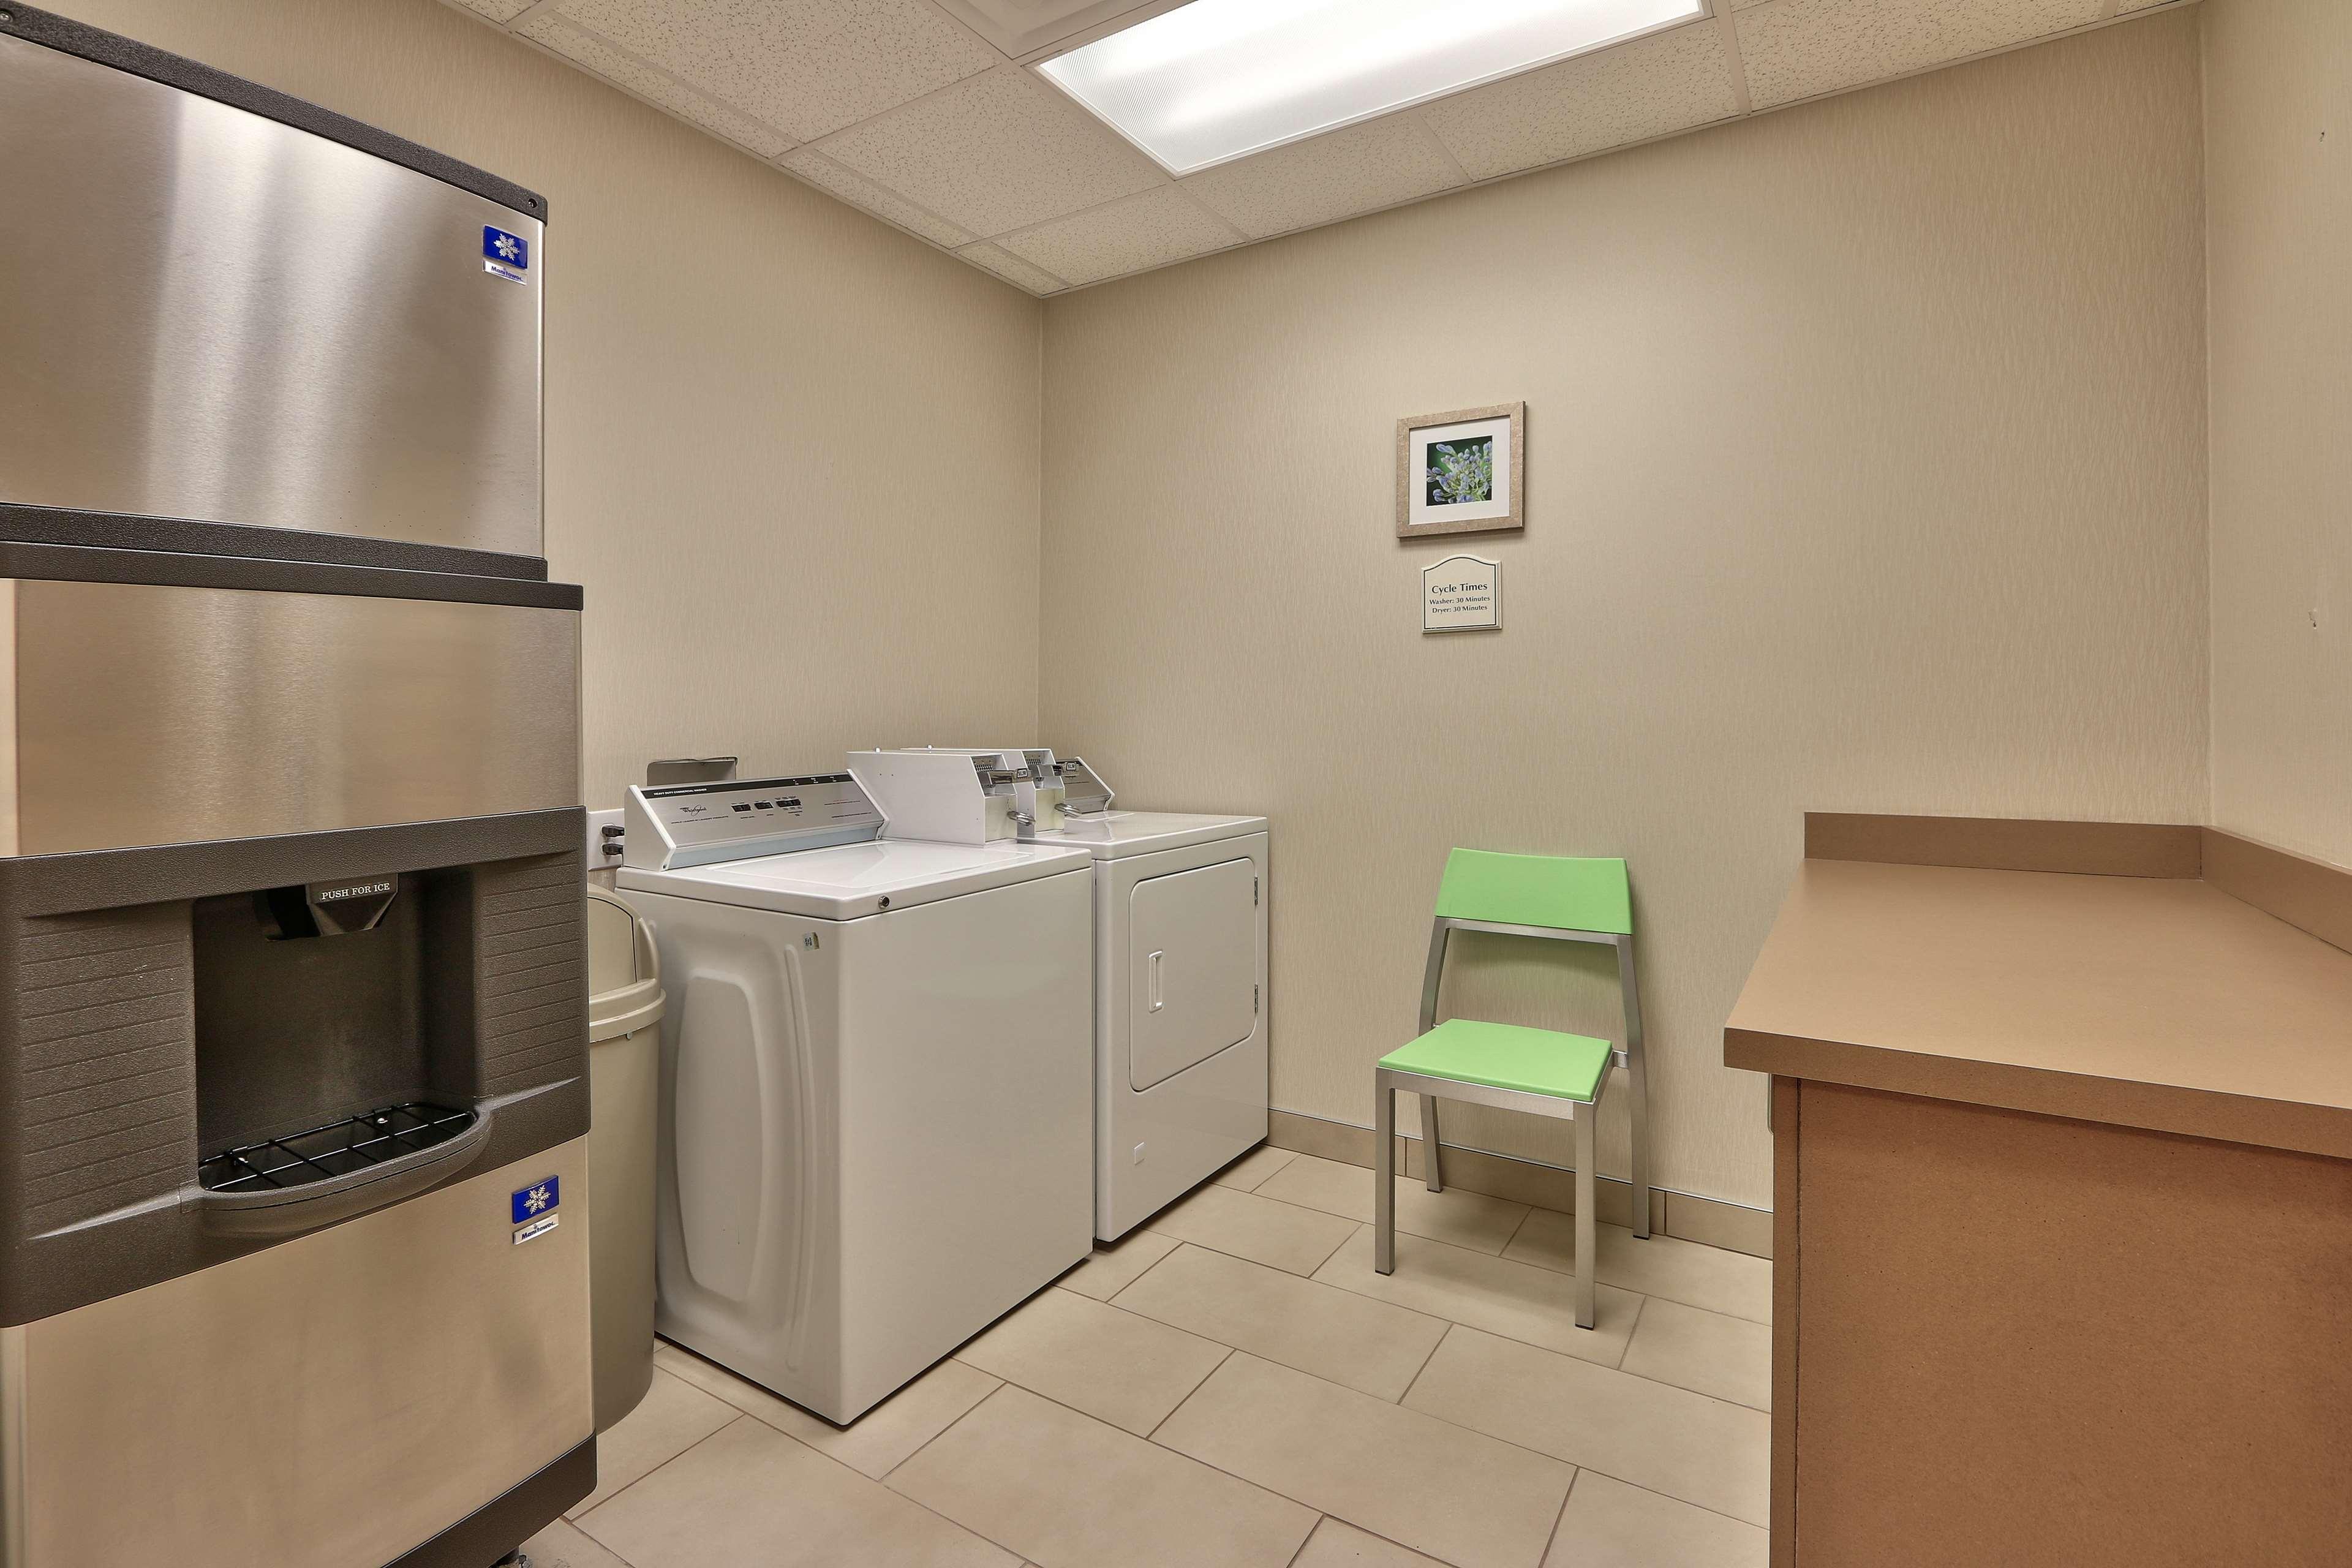 Hilton Garden Inn Albuquerque/Journal Center image 34